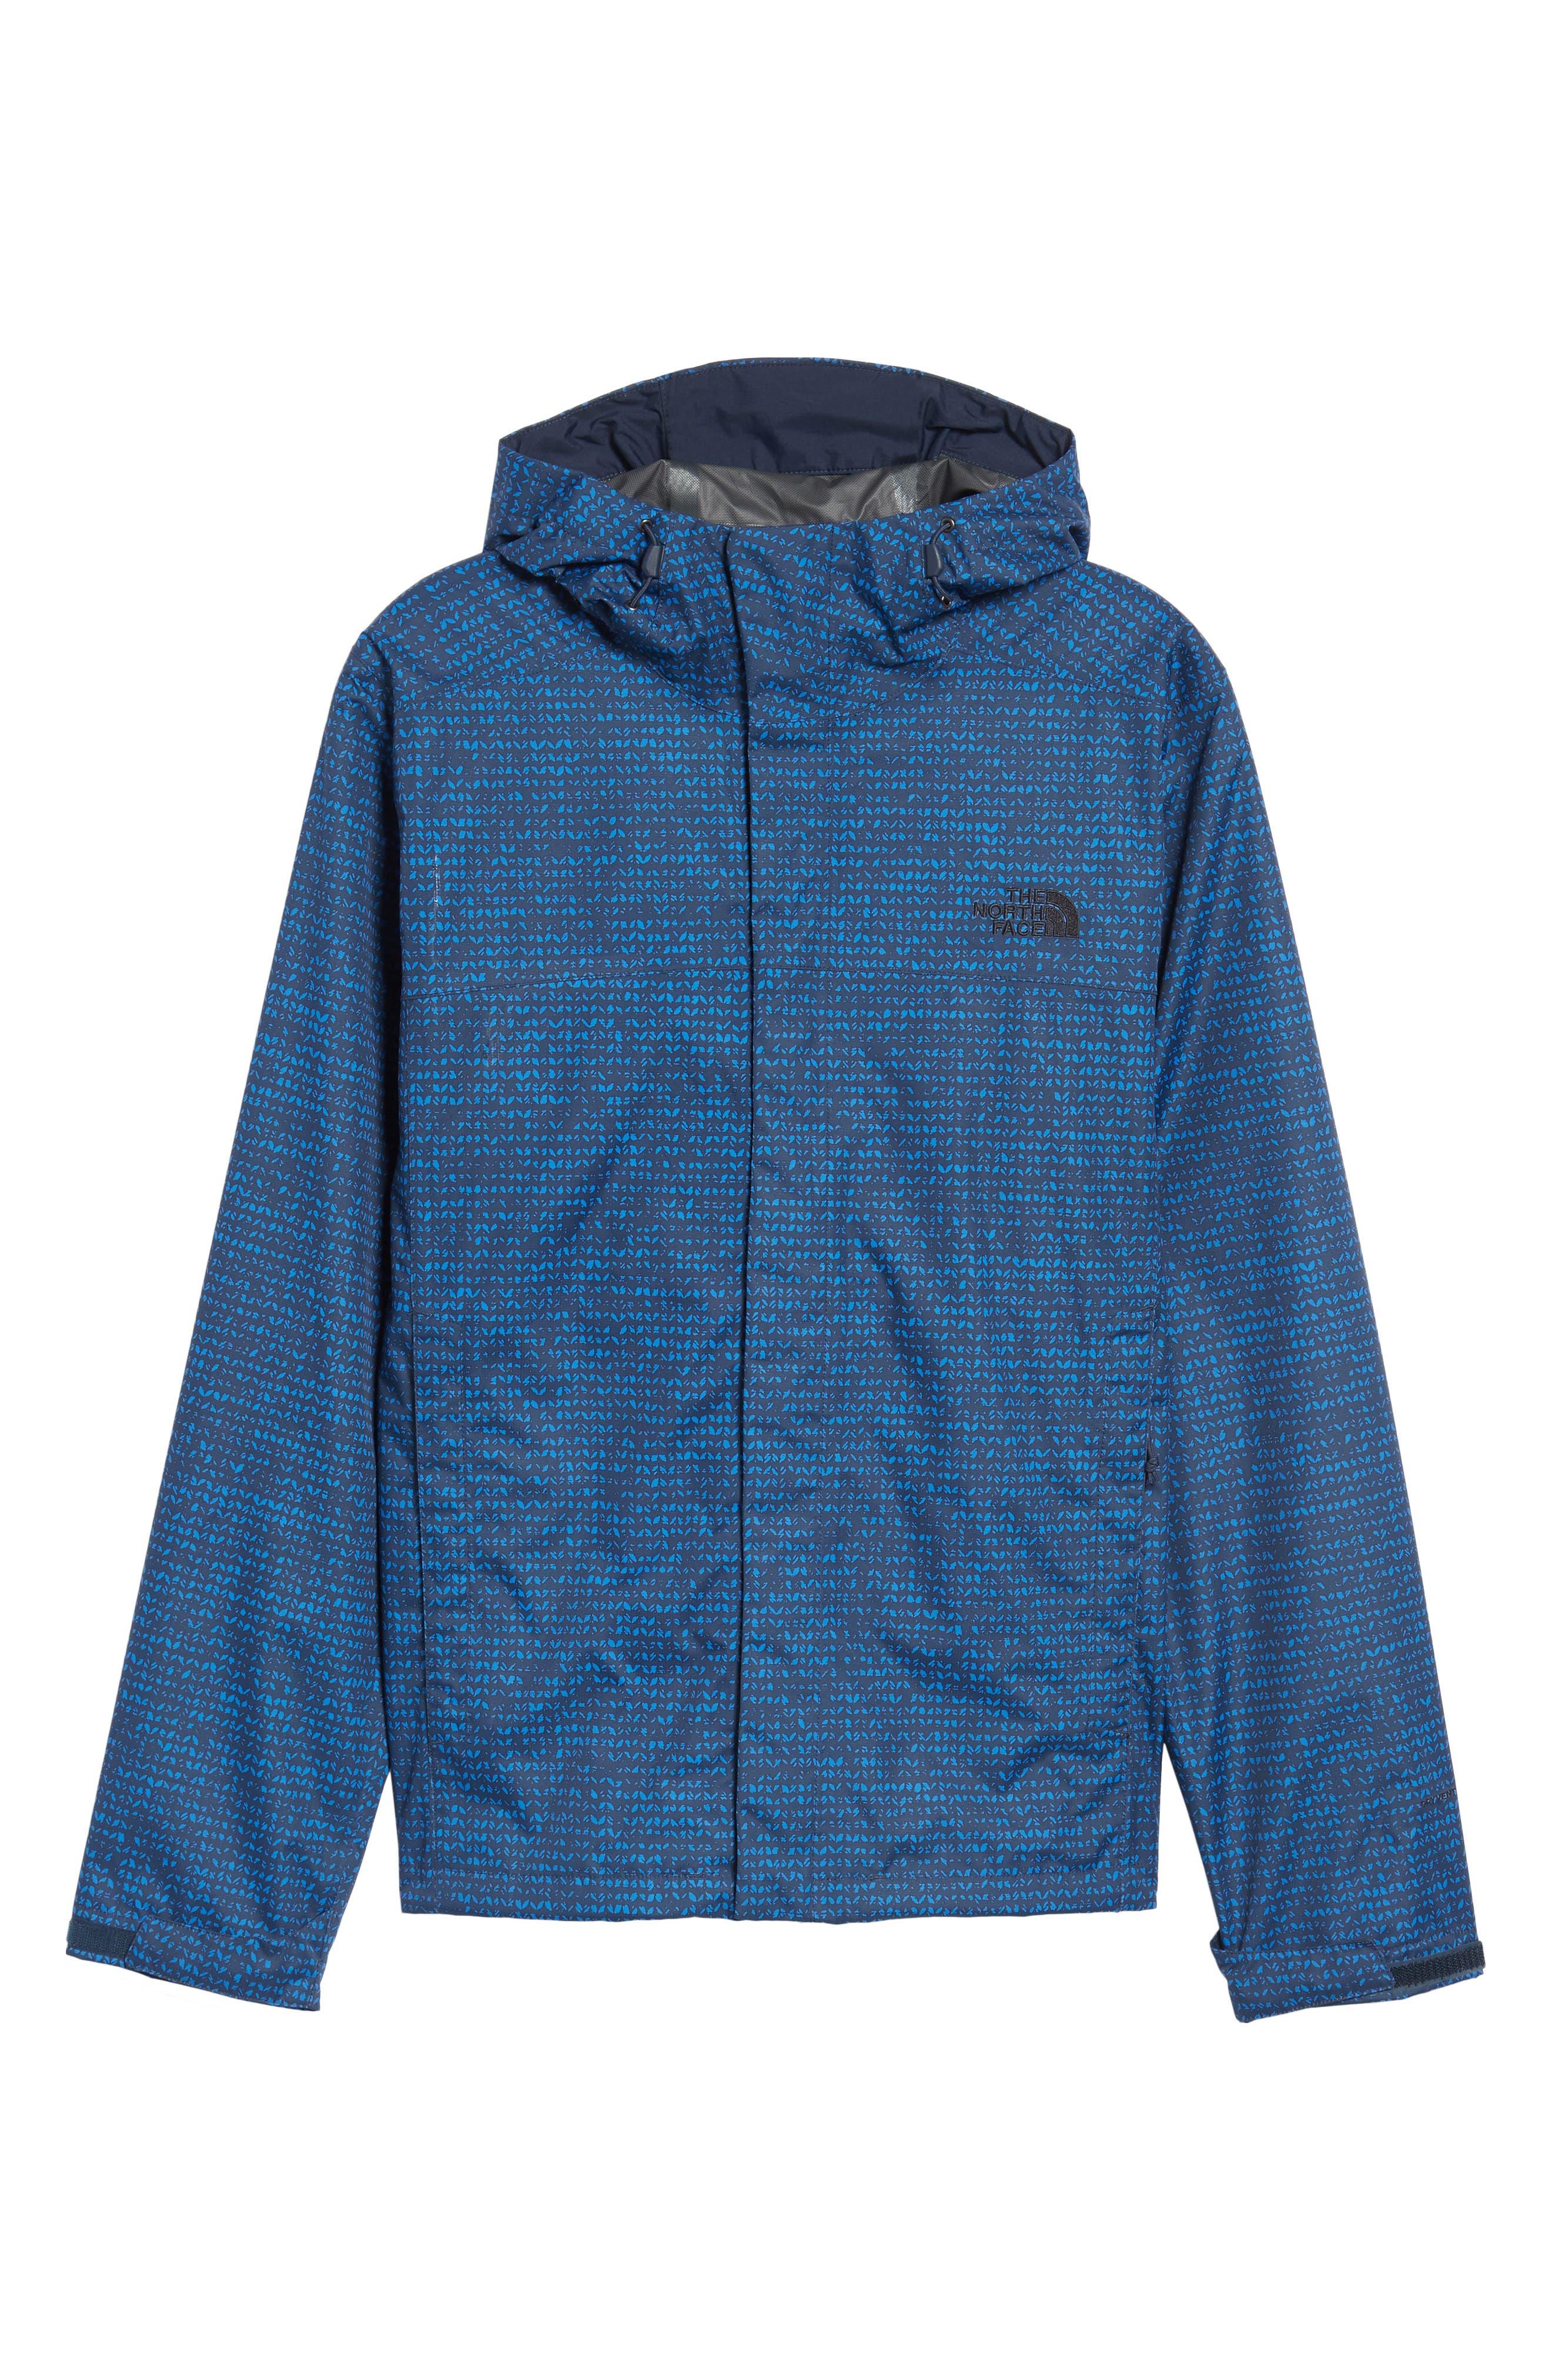 Venture Waterproof DryVent<sup>®</sup> Jacket,                             Alternate thumbnail 15, color,